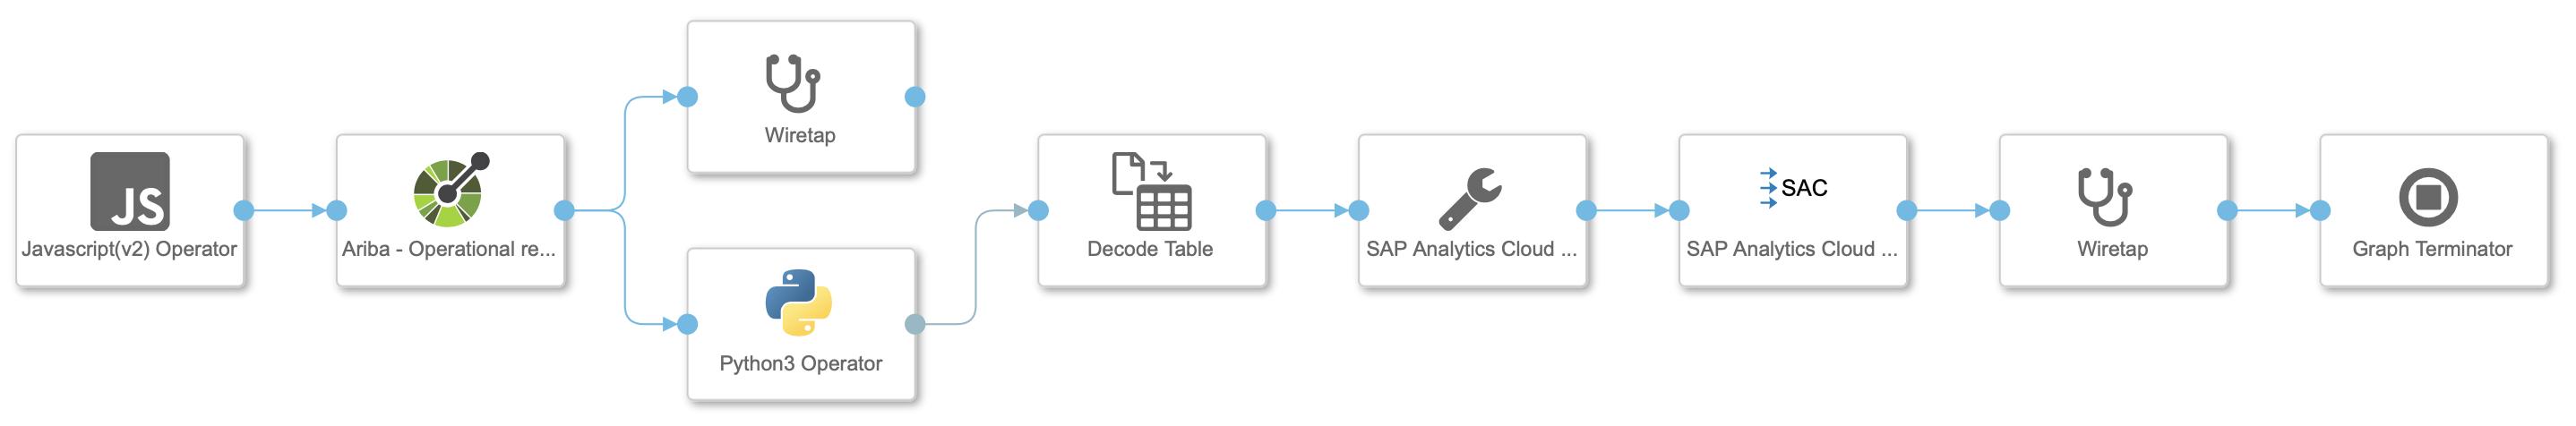 SAP%20Data%20Intelligence%20pipeline